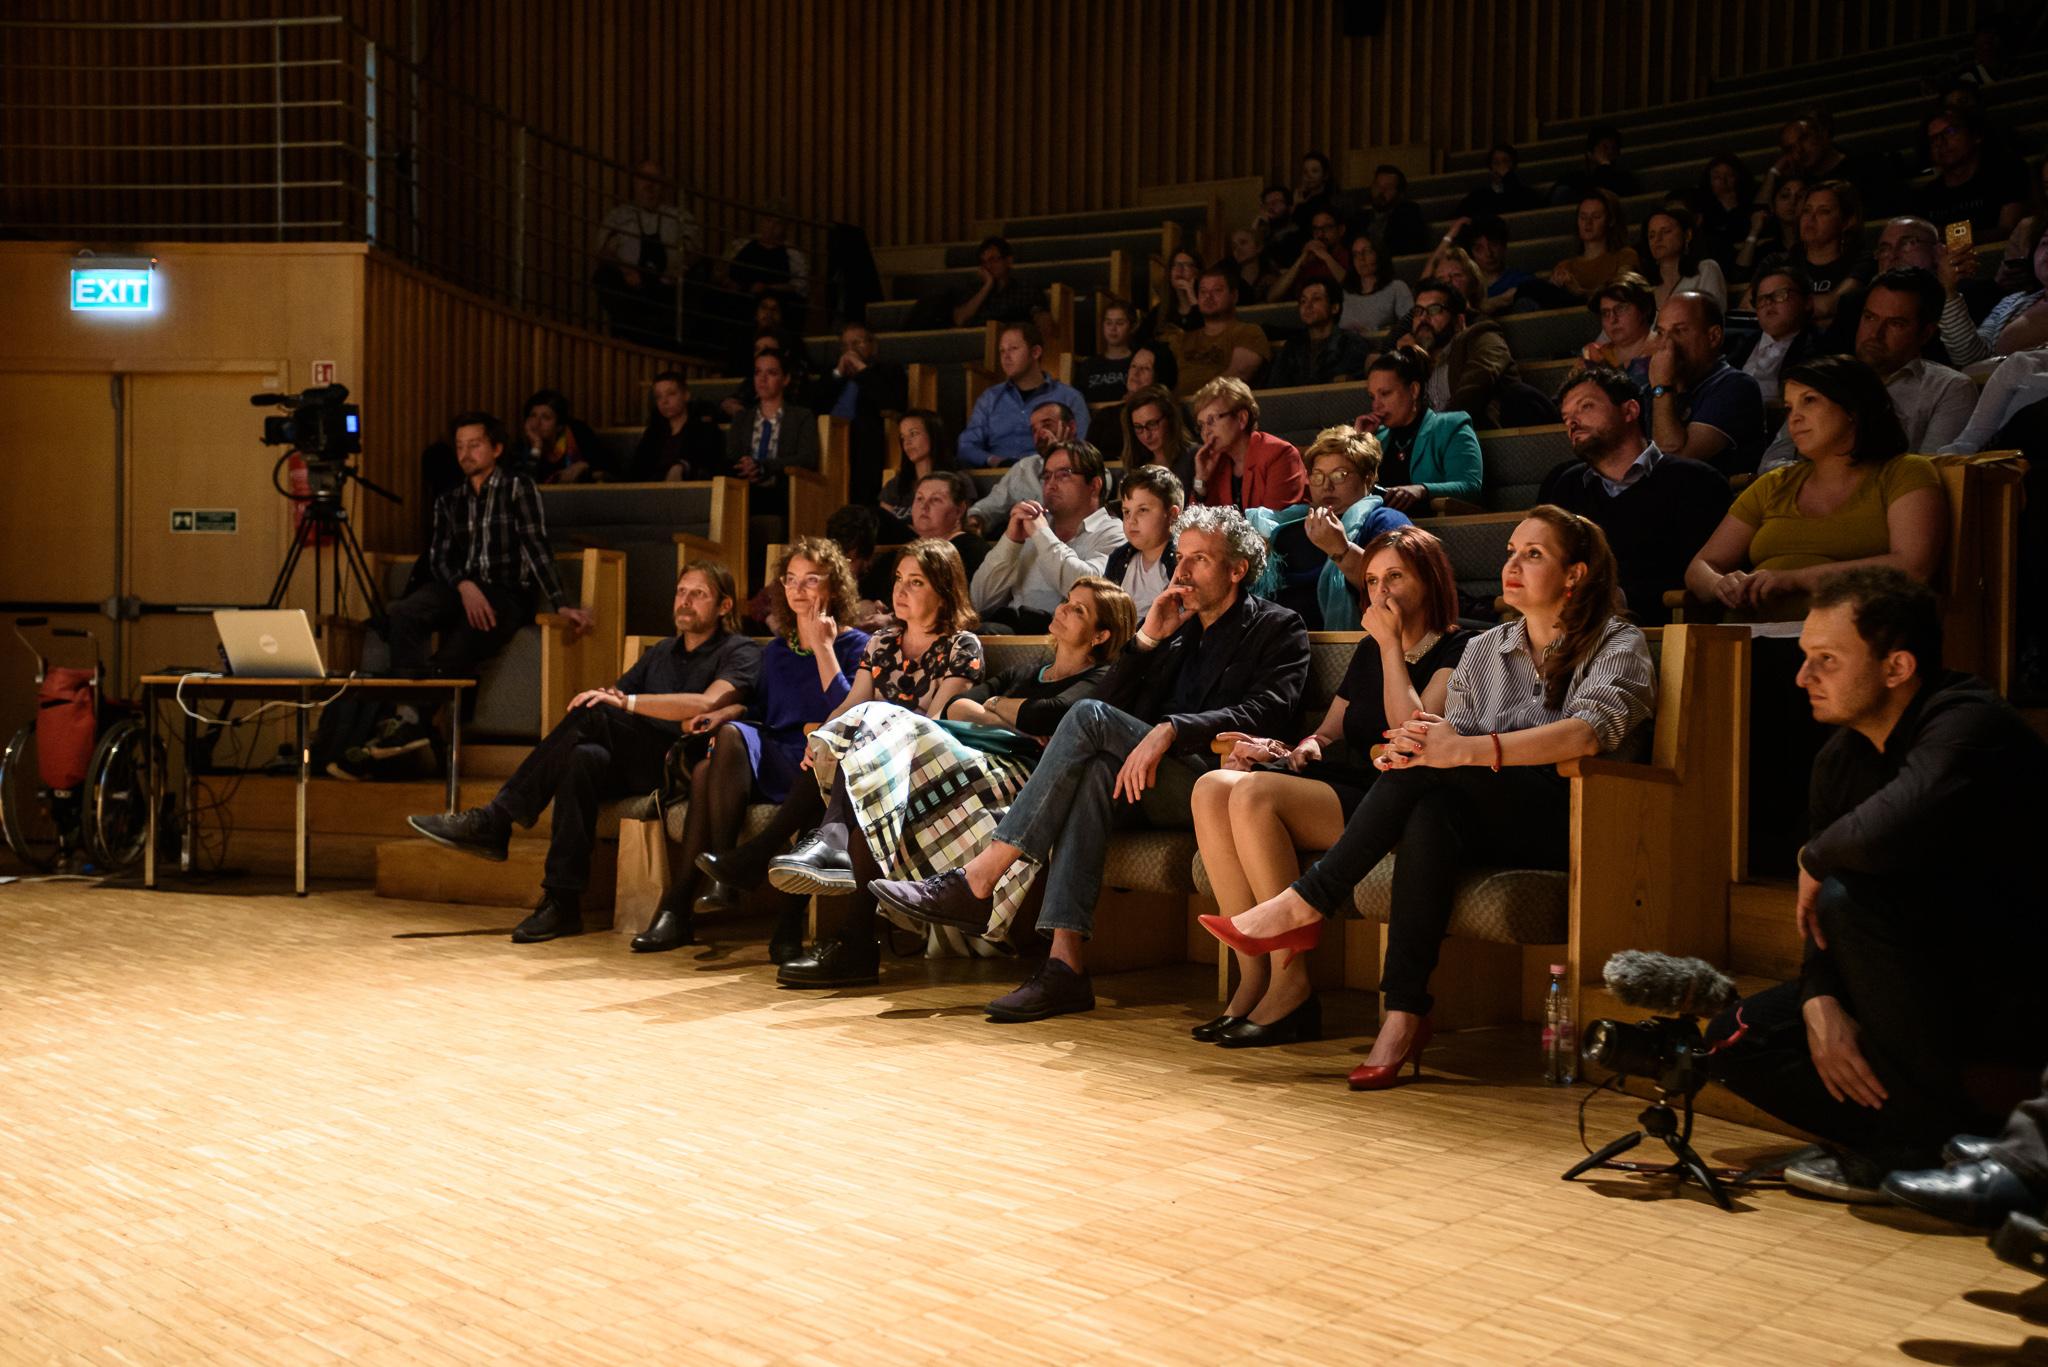 4. kép: A közönség